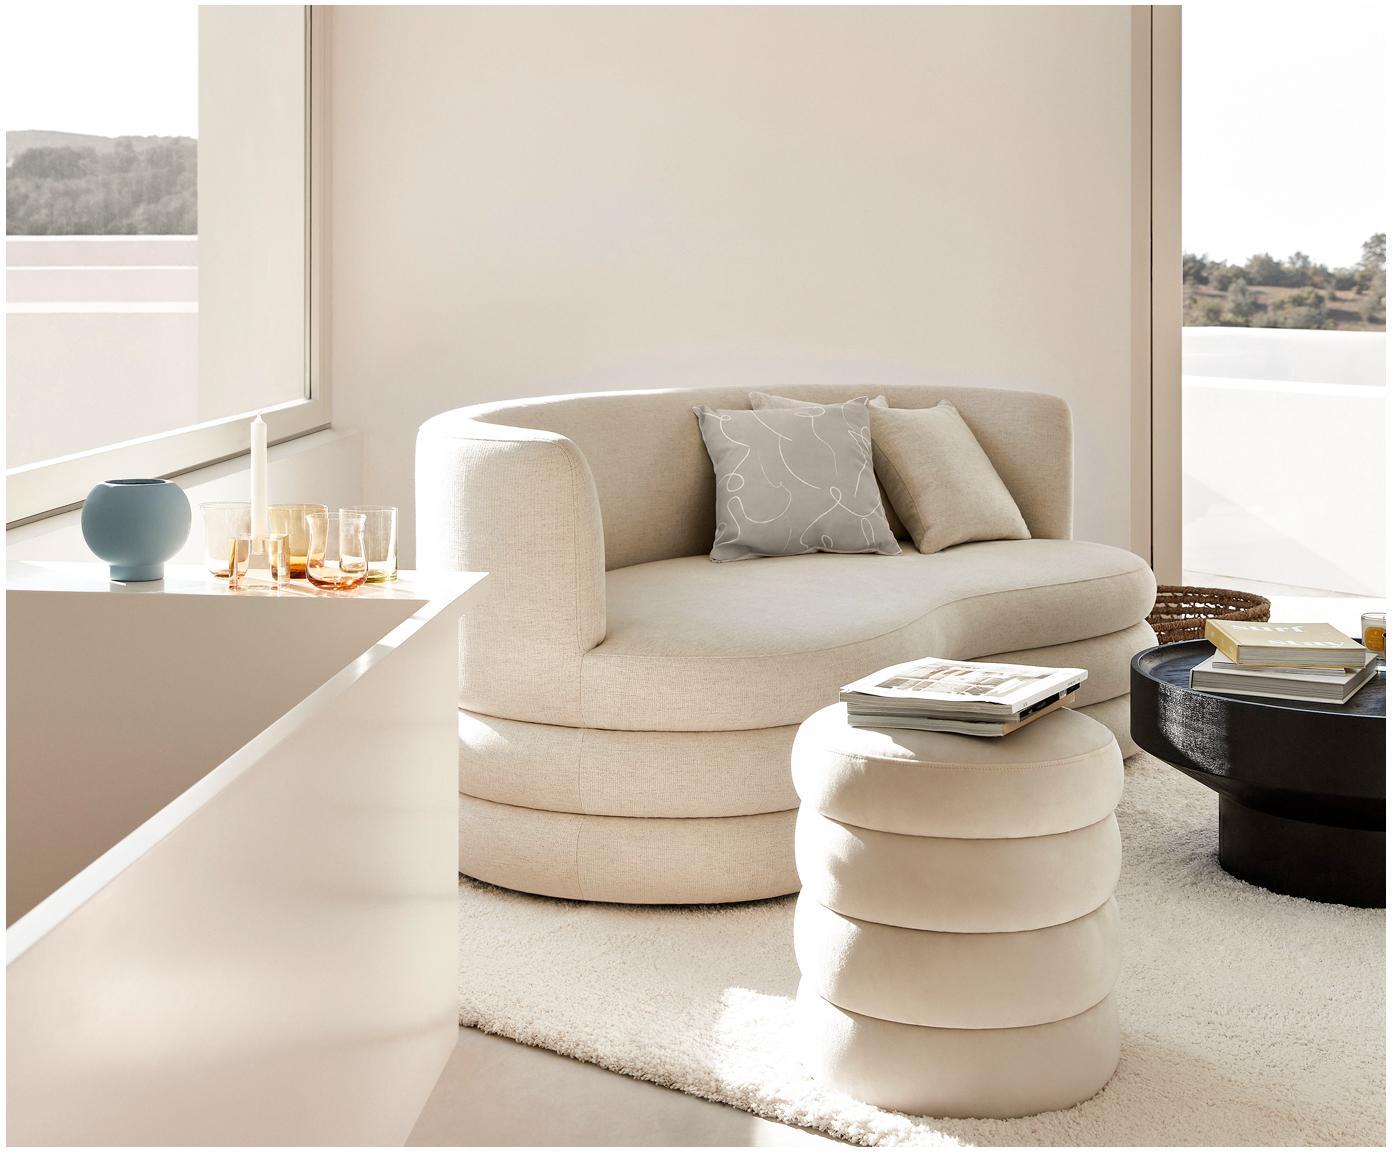 Housse de coussin à imprimé abstrait Amino, Beige/blanc